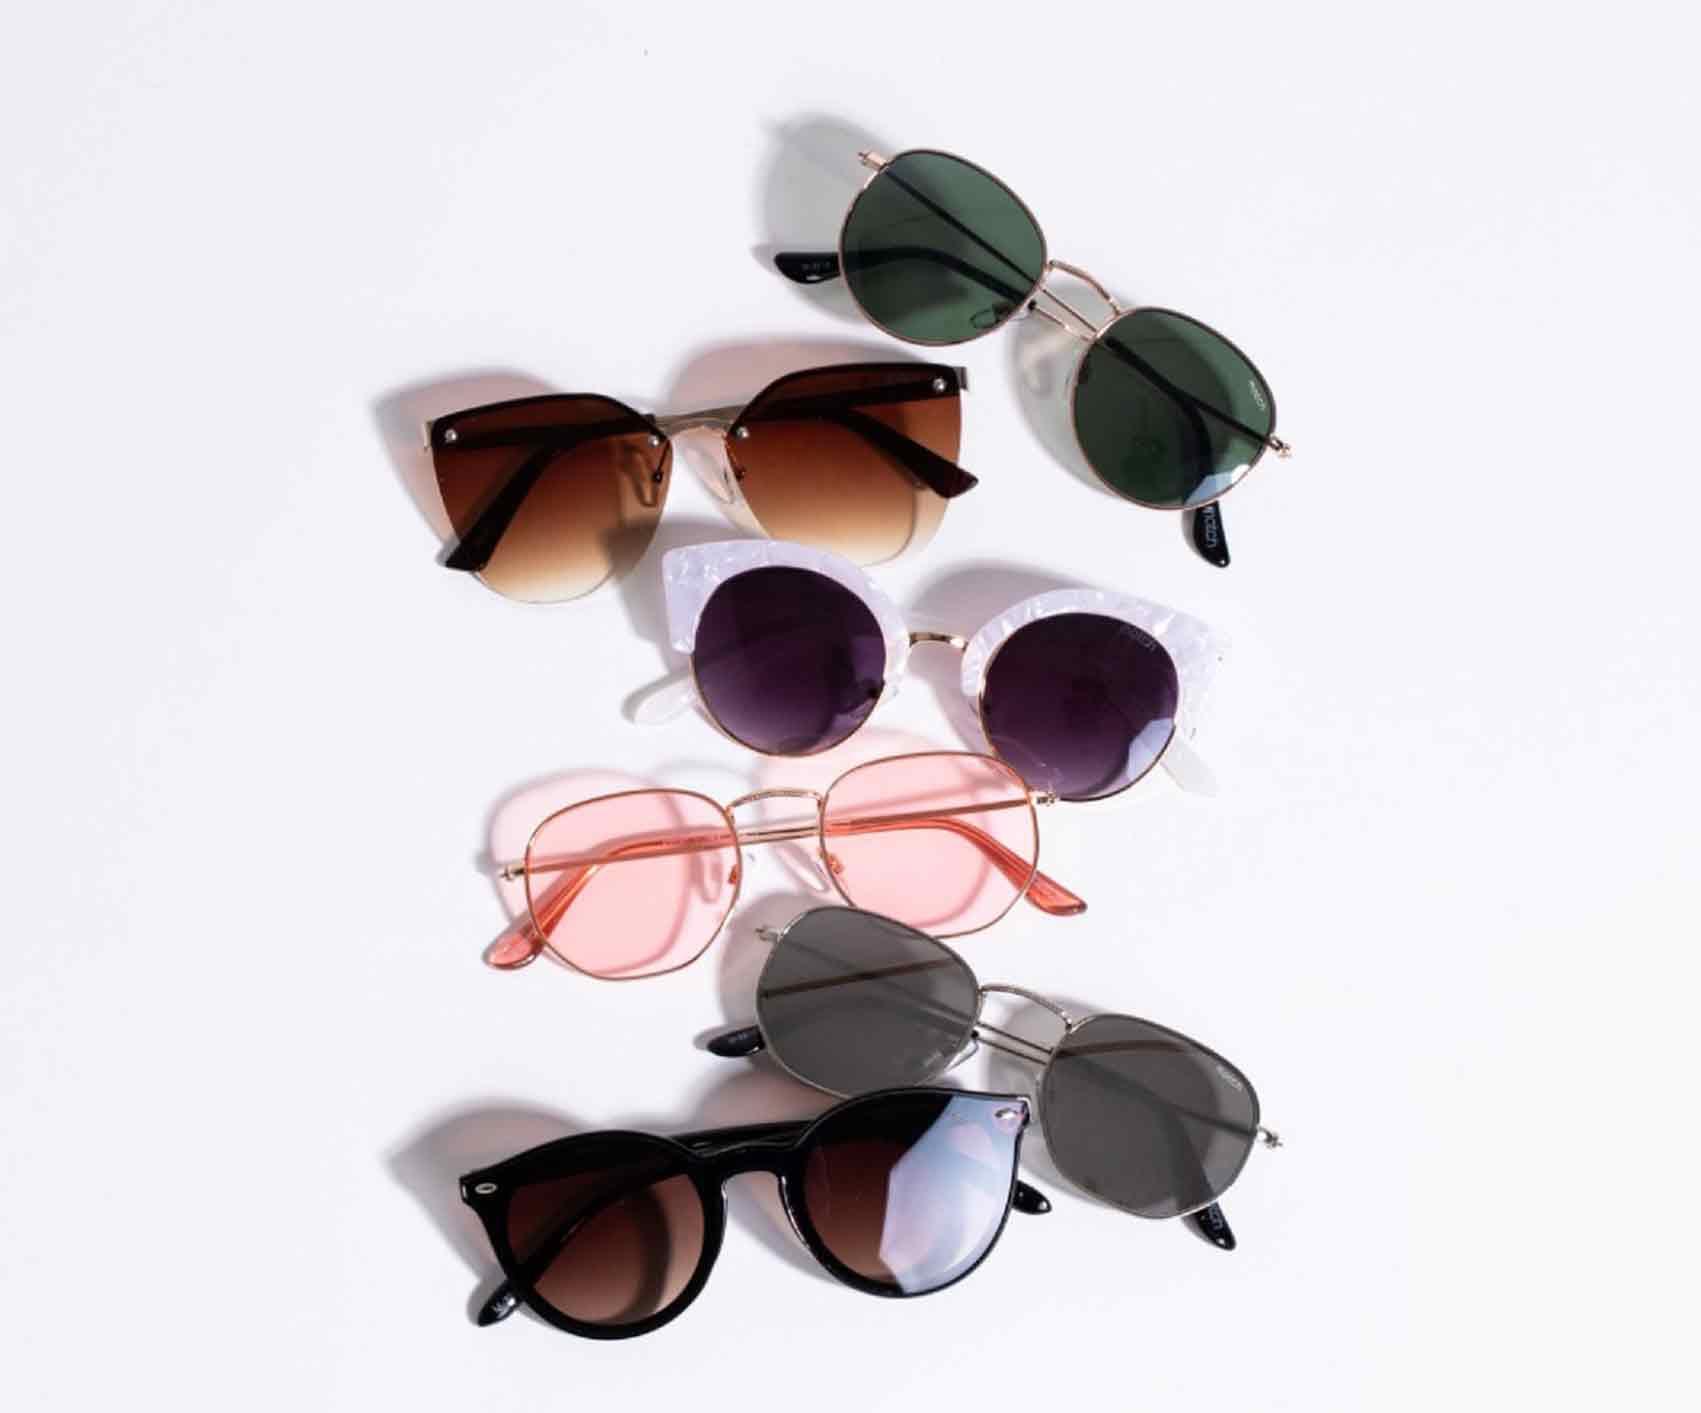 קולקציית-משקפי-השמש-של-סקופ-צילום-עמירם-בן-ישי-אופנהמגזין-אופנה